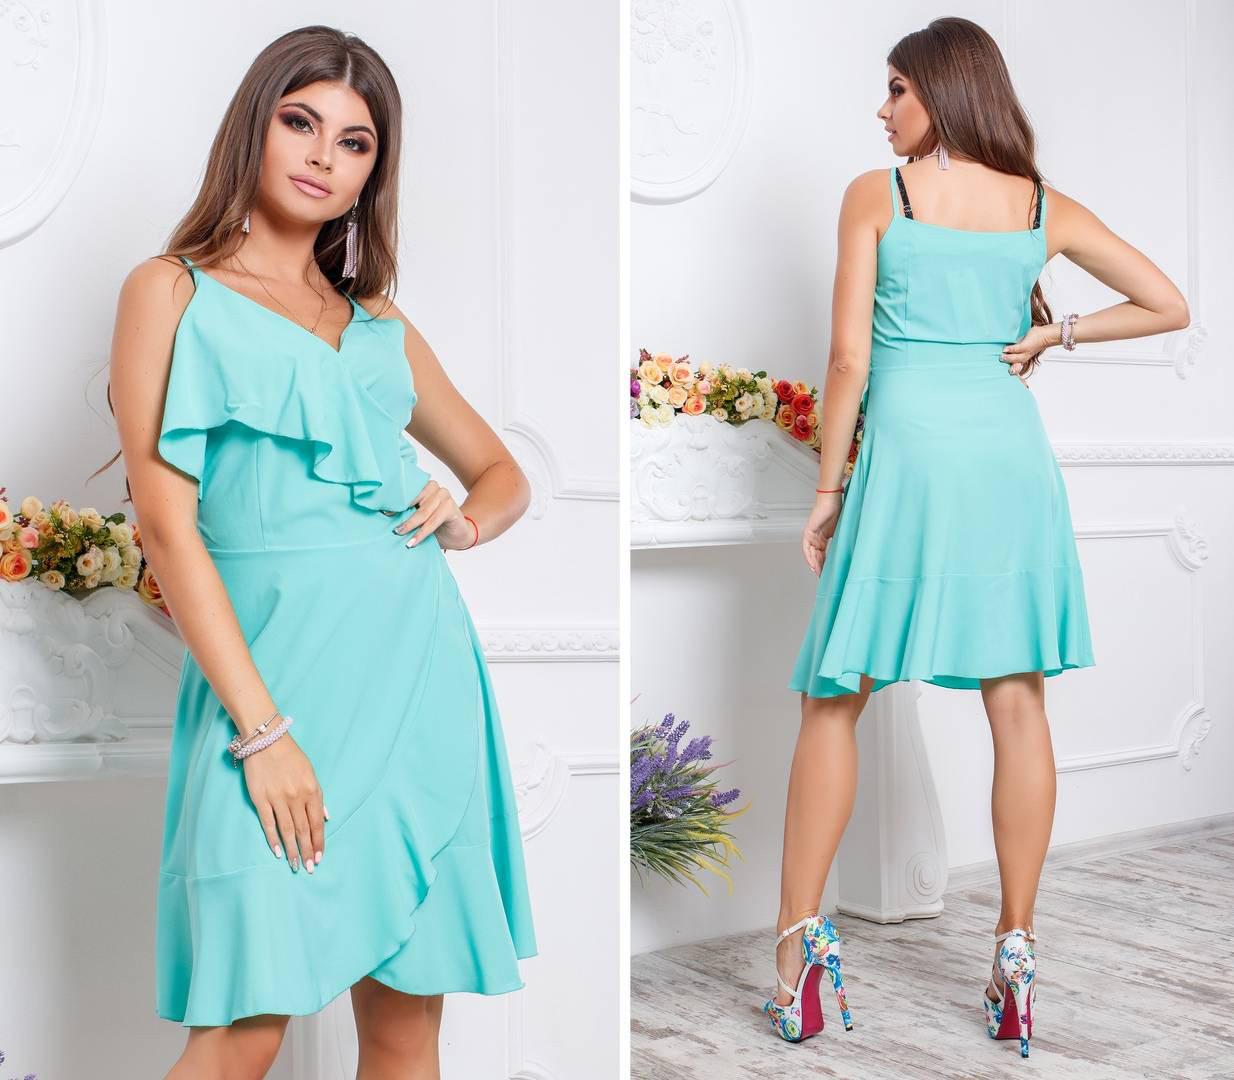 Платье летнее на запах с поясом, новинка 2018, модель 112, цвет - бирюза